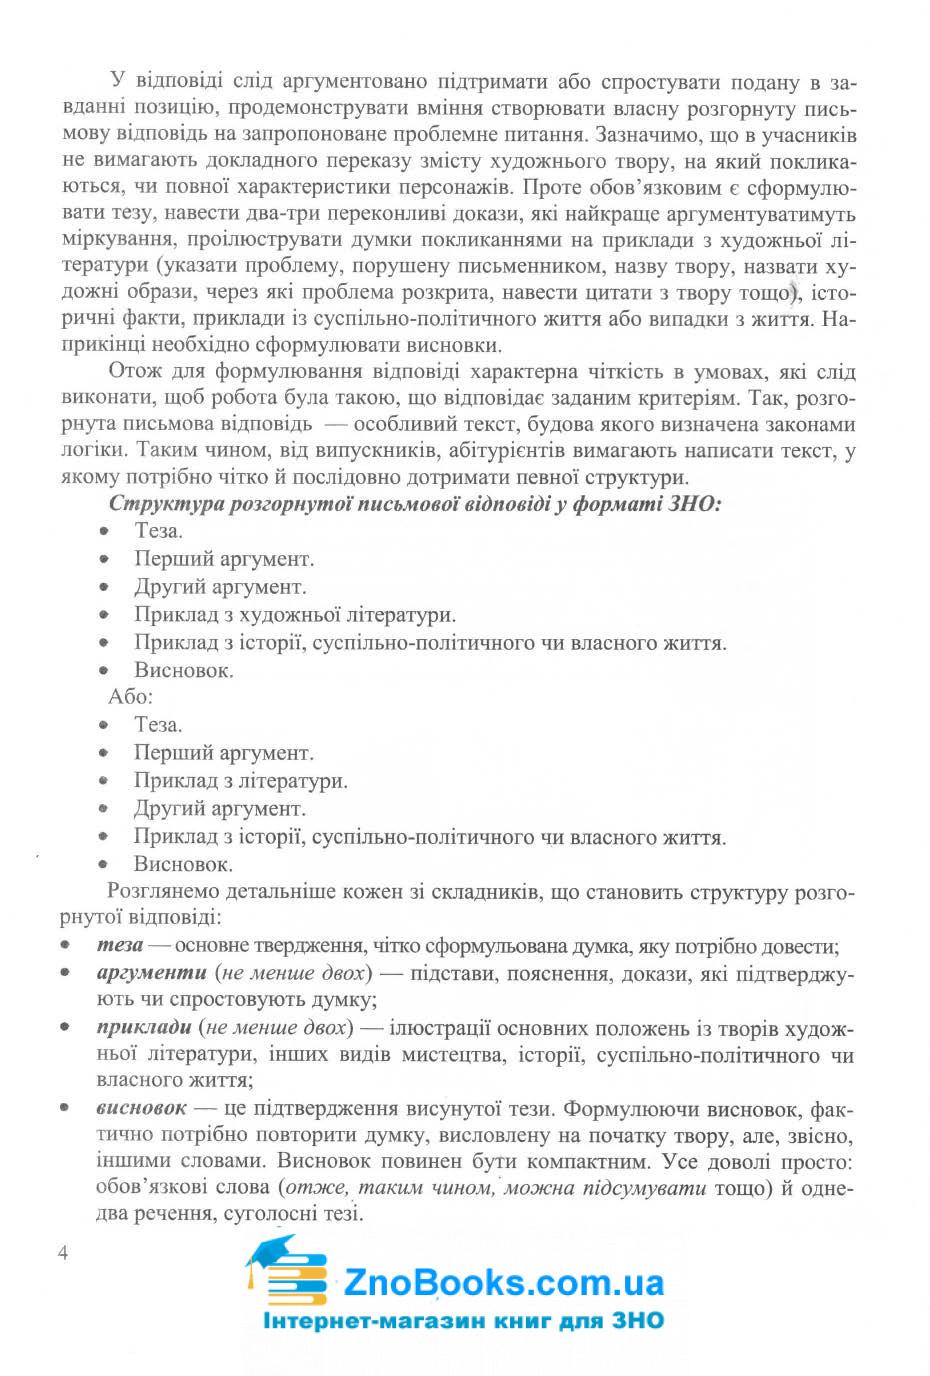 Завдання відкритої форми з розгорнутою письмовою відповіддю. Українська мова ЗНО 2021 : Готевич С. 4